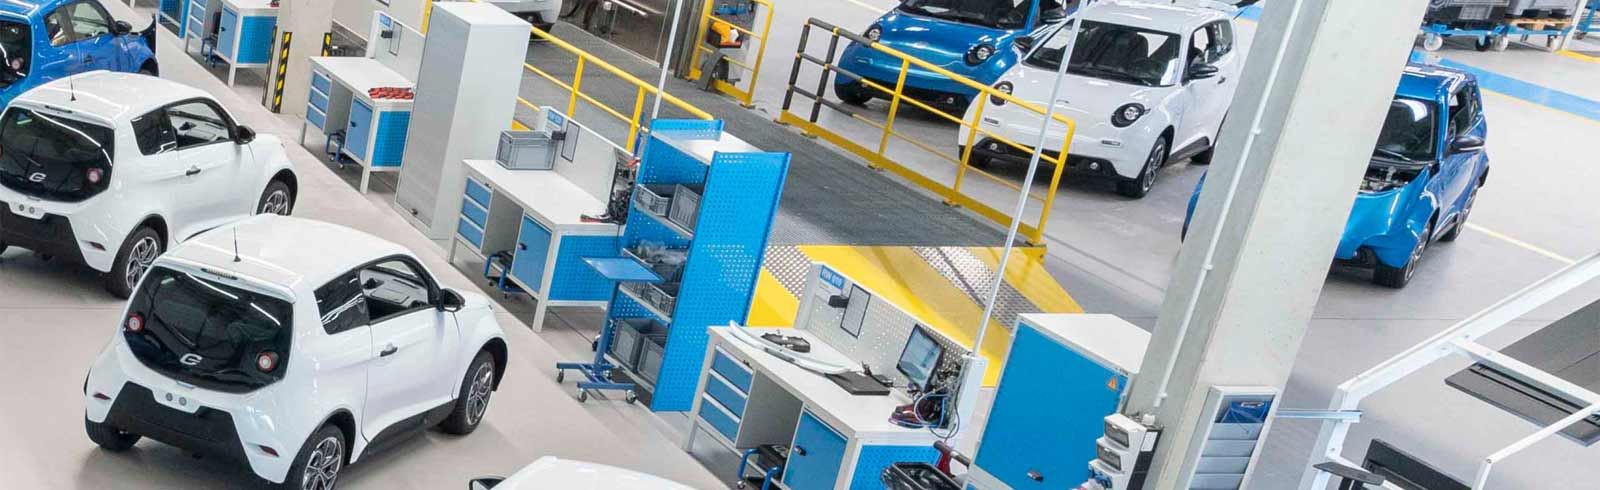 Next.e.GO Mobile SE will build a micro factory in Bulgaria